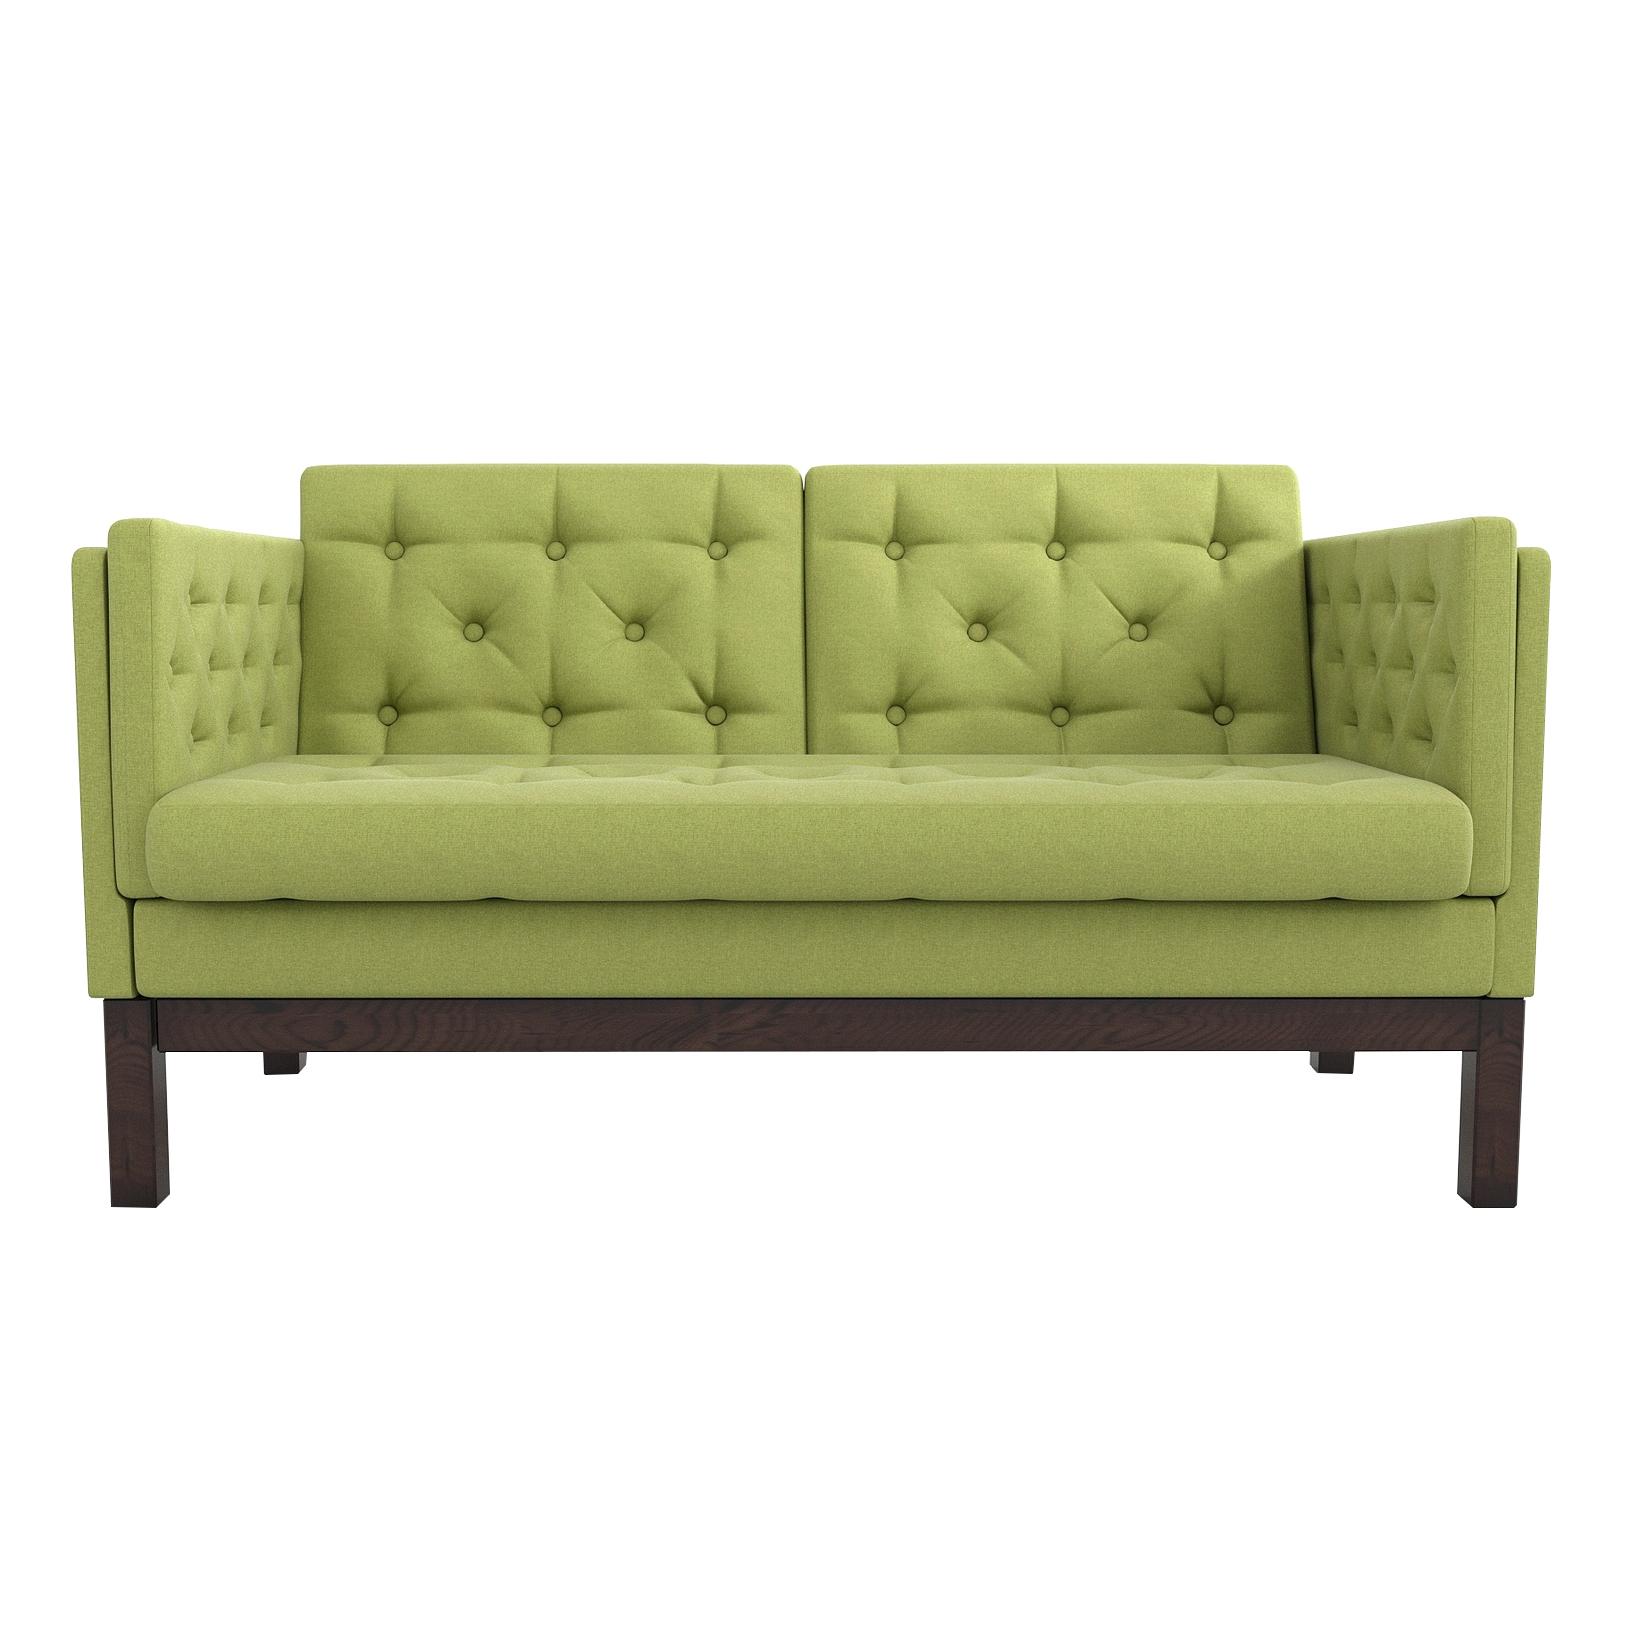 Фото - Диван AS Алана м 154x82x83 венге/зеленый диван as алана м 154x82x83 сосна коричневый